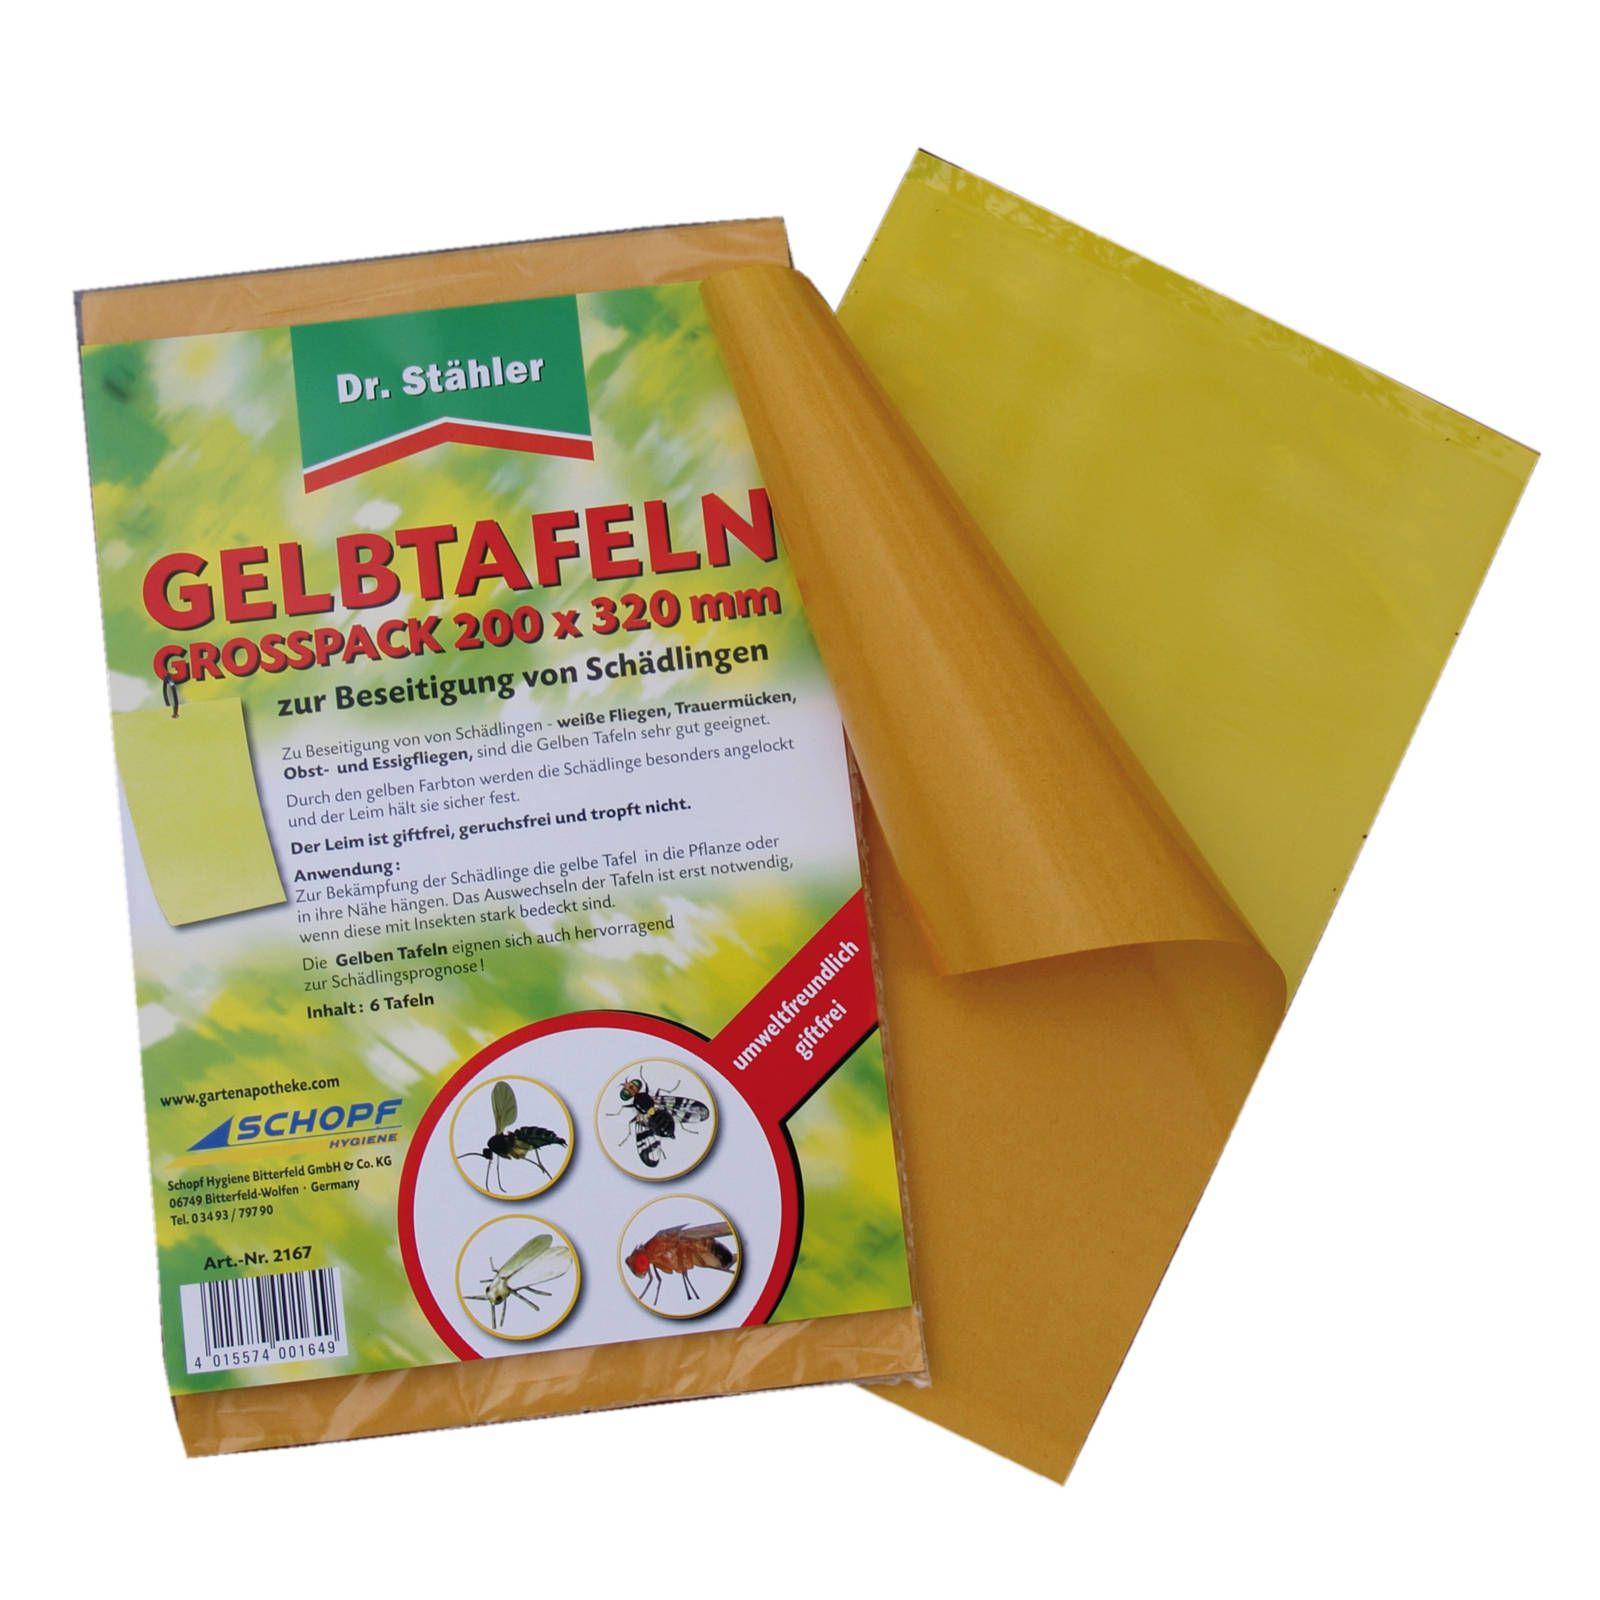 Dr. Stähler Gelbtafeln Groß 25 Stück 32 x 20 cm